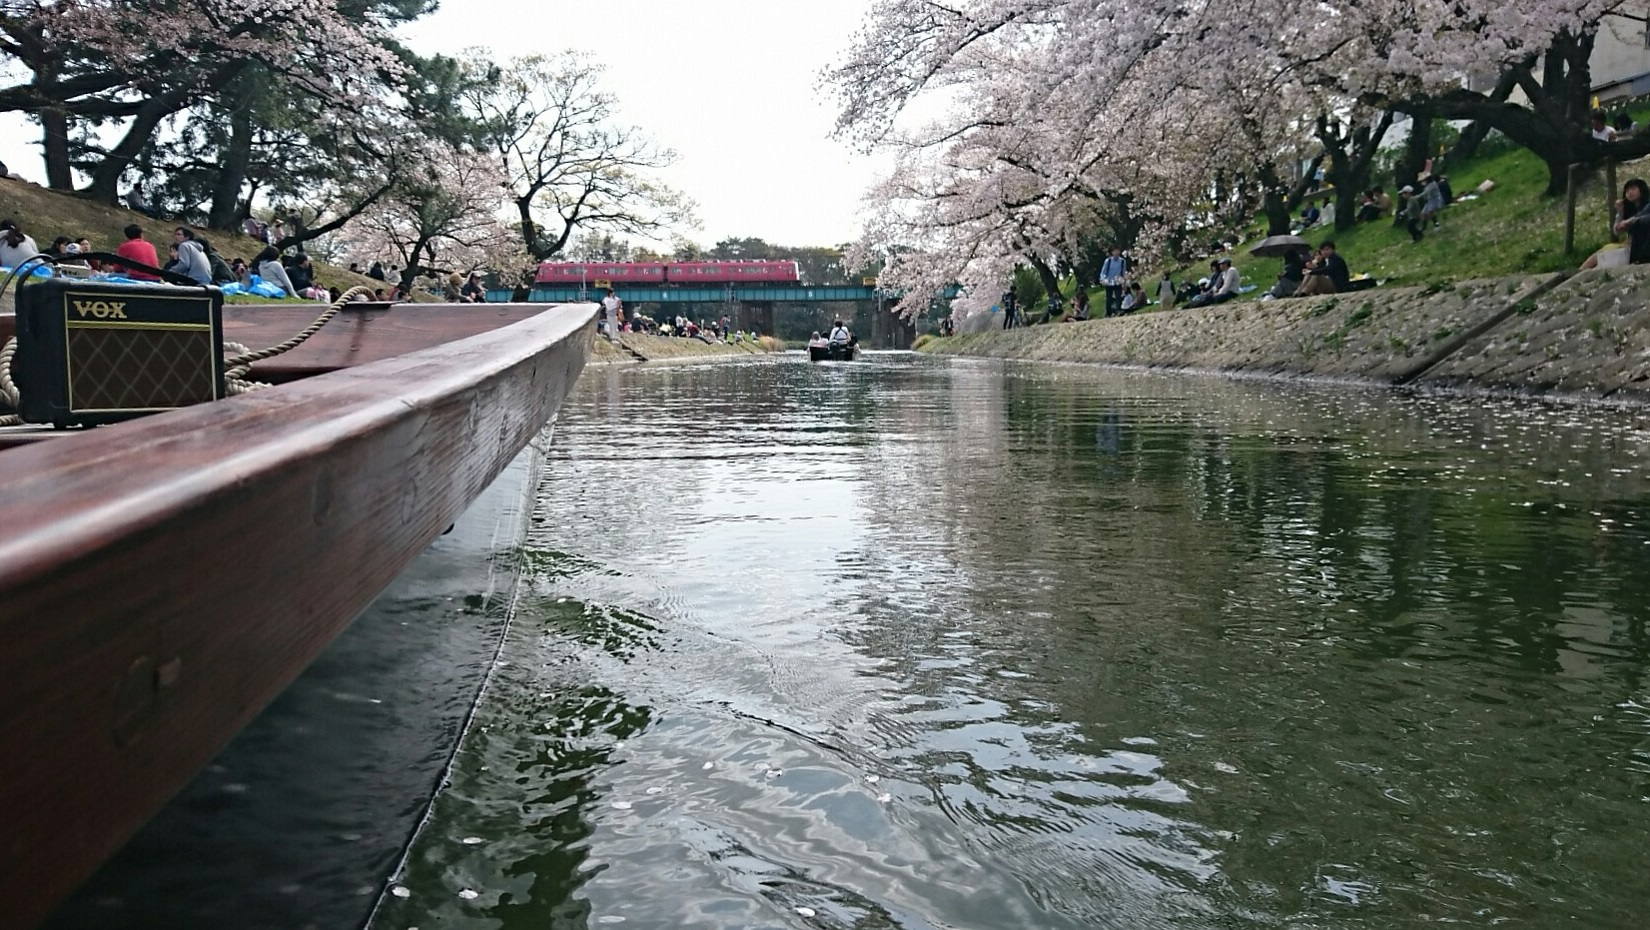 2018.3.31 岡崎ふなあそび (48) 伊賀川くだり - 名古屋本線鉄橋 1650-930